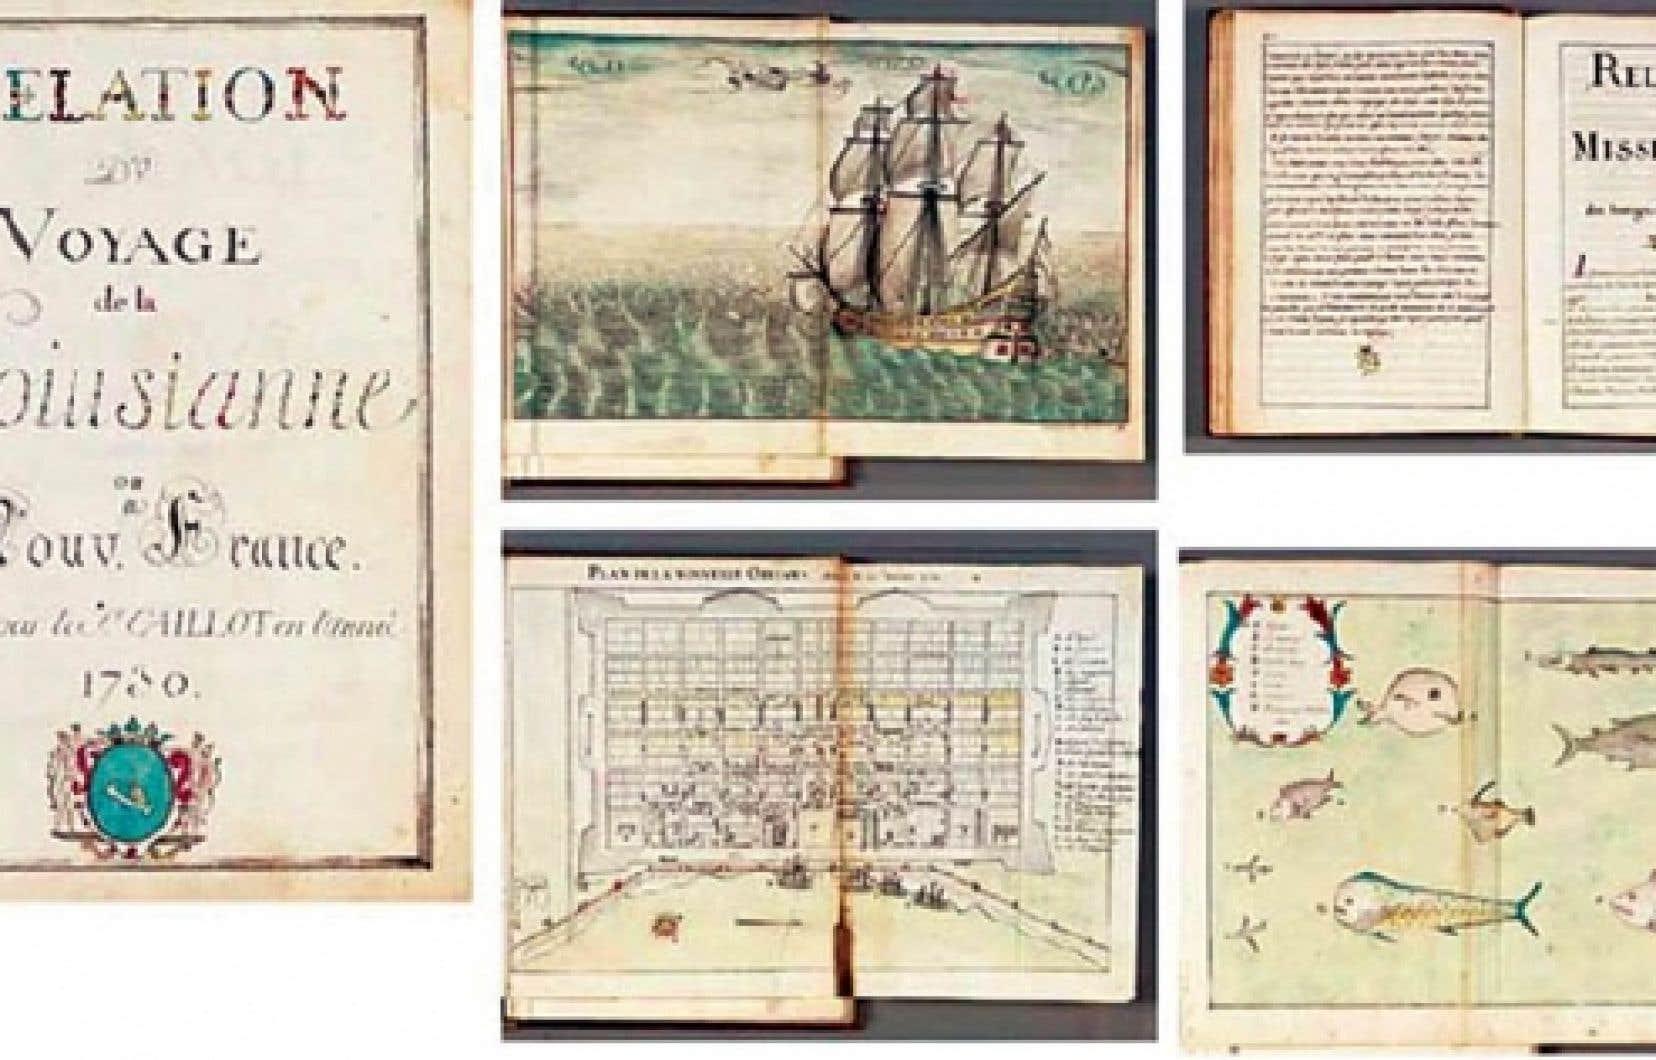 Relation du voyage de la Louisiane ou Nouvelle-France, un manuscrit de 168 pages, décrit dans le catalogue de Christie's comme un «ouvrage remarquable de première main, jamais publié», orné de nombreuses gravues, a bel et bien appartenu aux Archives nationales.